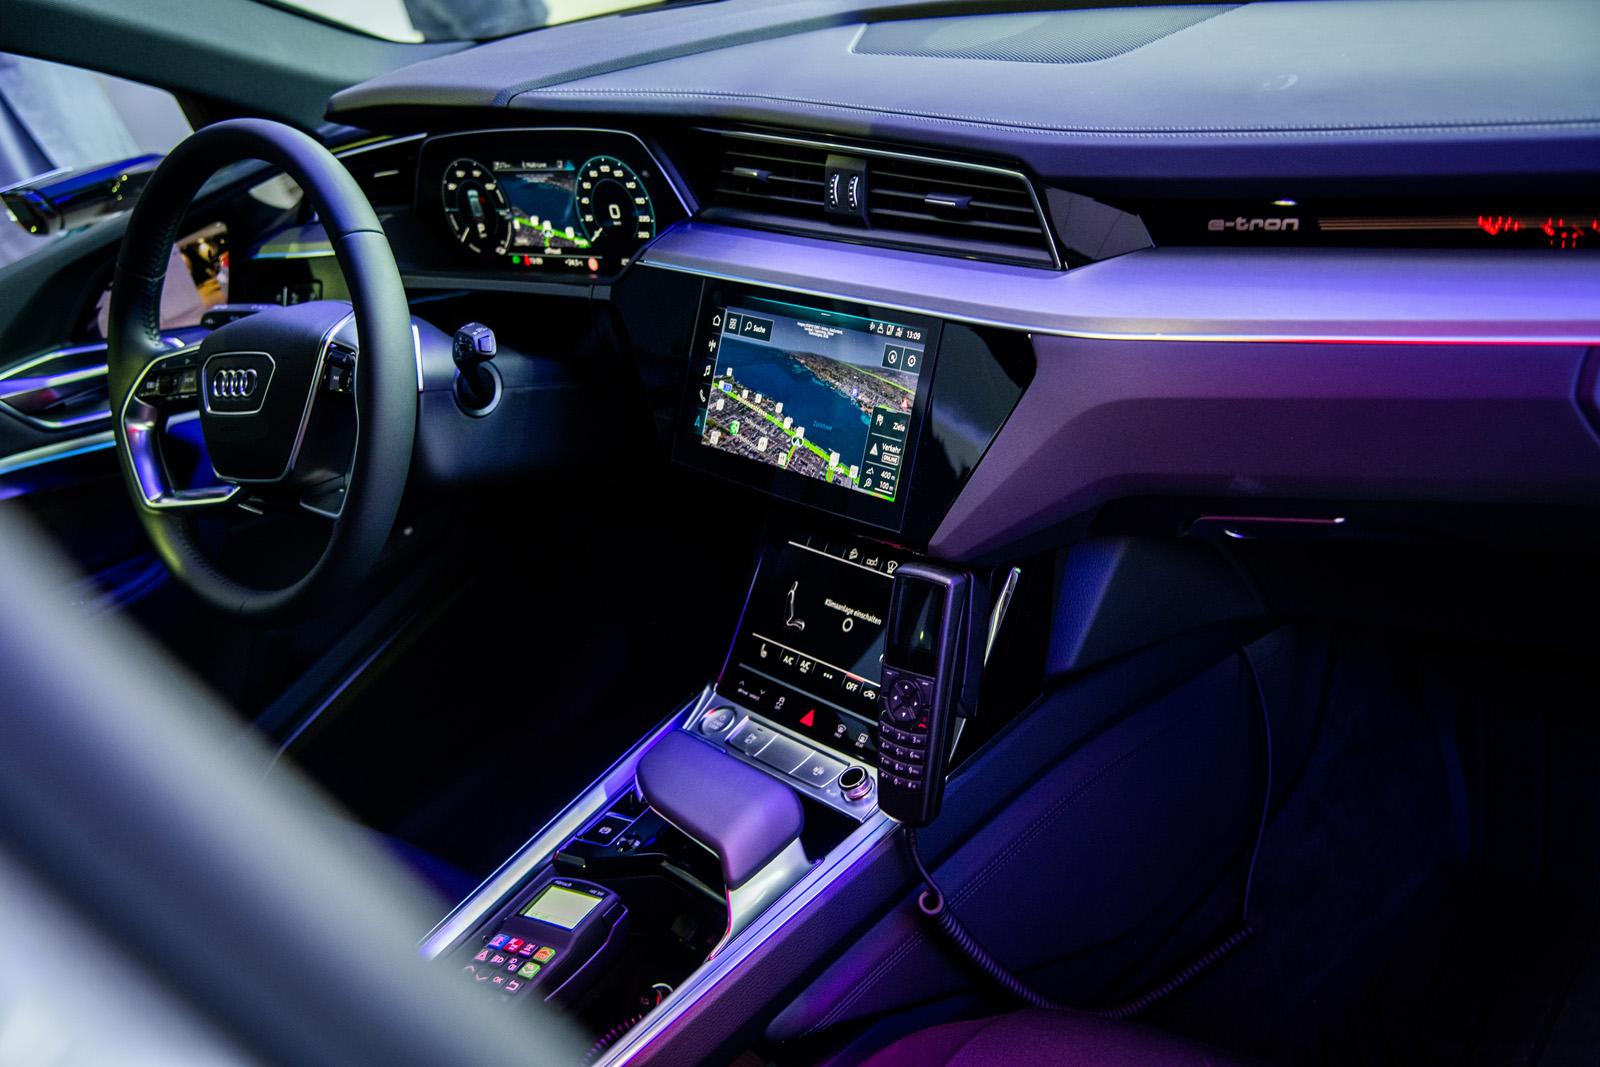 So schick kann ein Polizei-Auto sein: In der Mittelkonsole findet das Funkgerät platz. (Thomas Buchwalder)